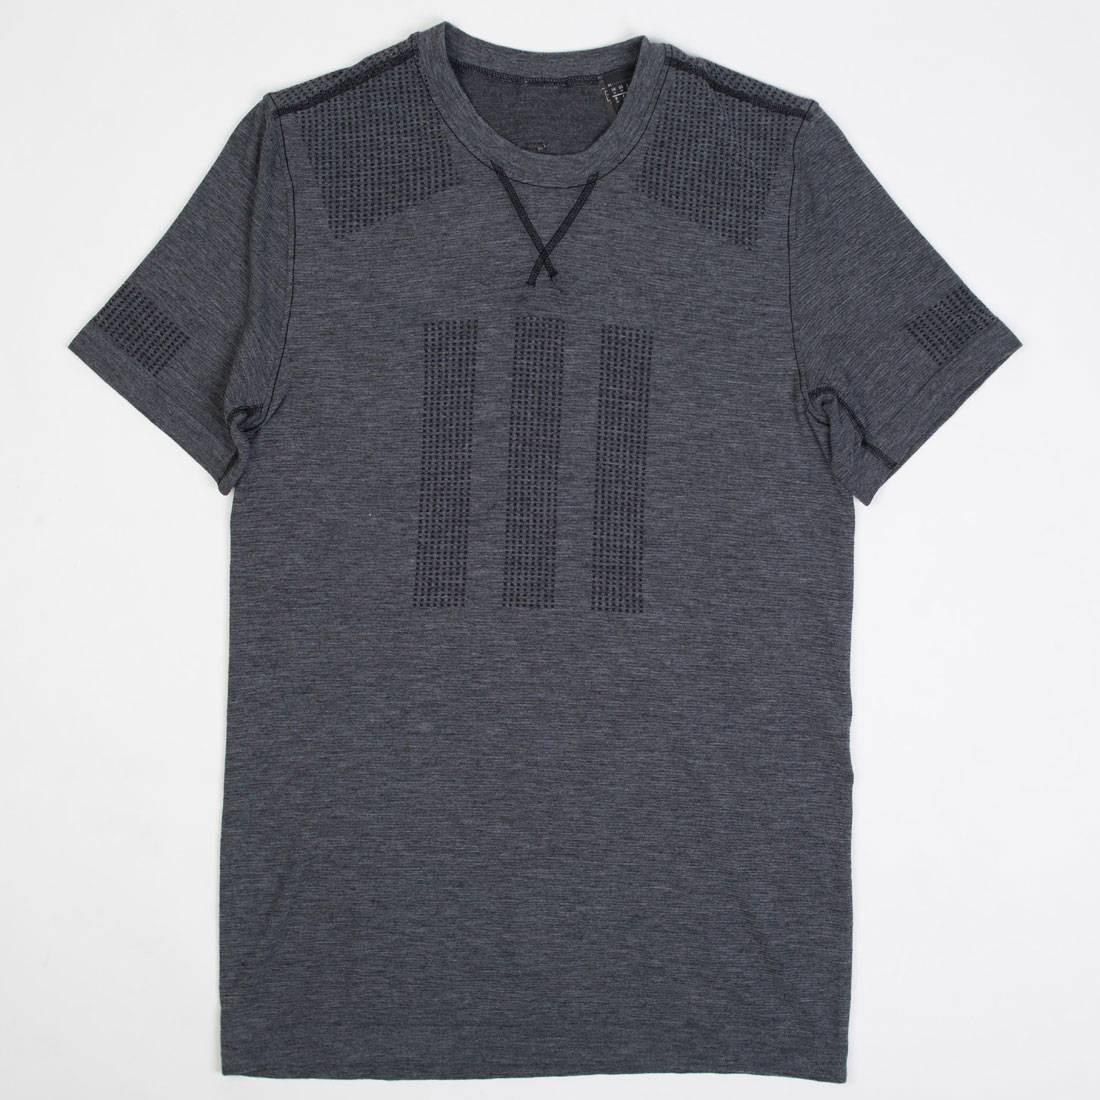 【海外限定】アディダス Tシャツ メンズファッション【 SHORTSLEEVE ADIDAS DAY ONE BLACK MEN LAYER BASE LAYER SHORTSLEEVE TEE BLACK】, mischief:da7c2b00 --- sunward.msk.ru